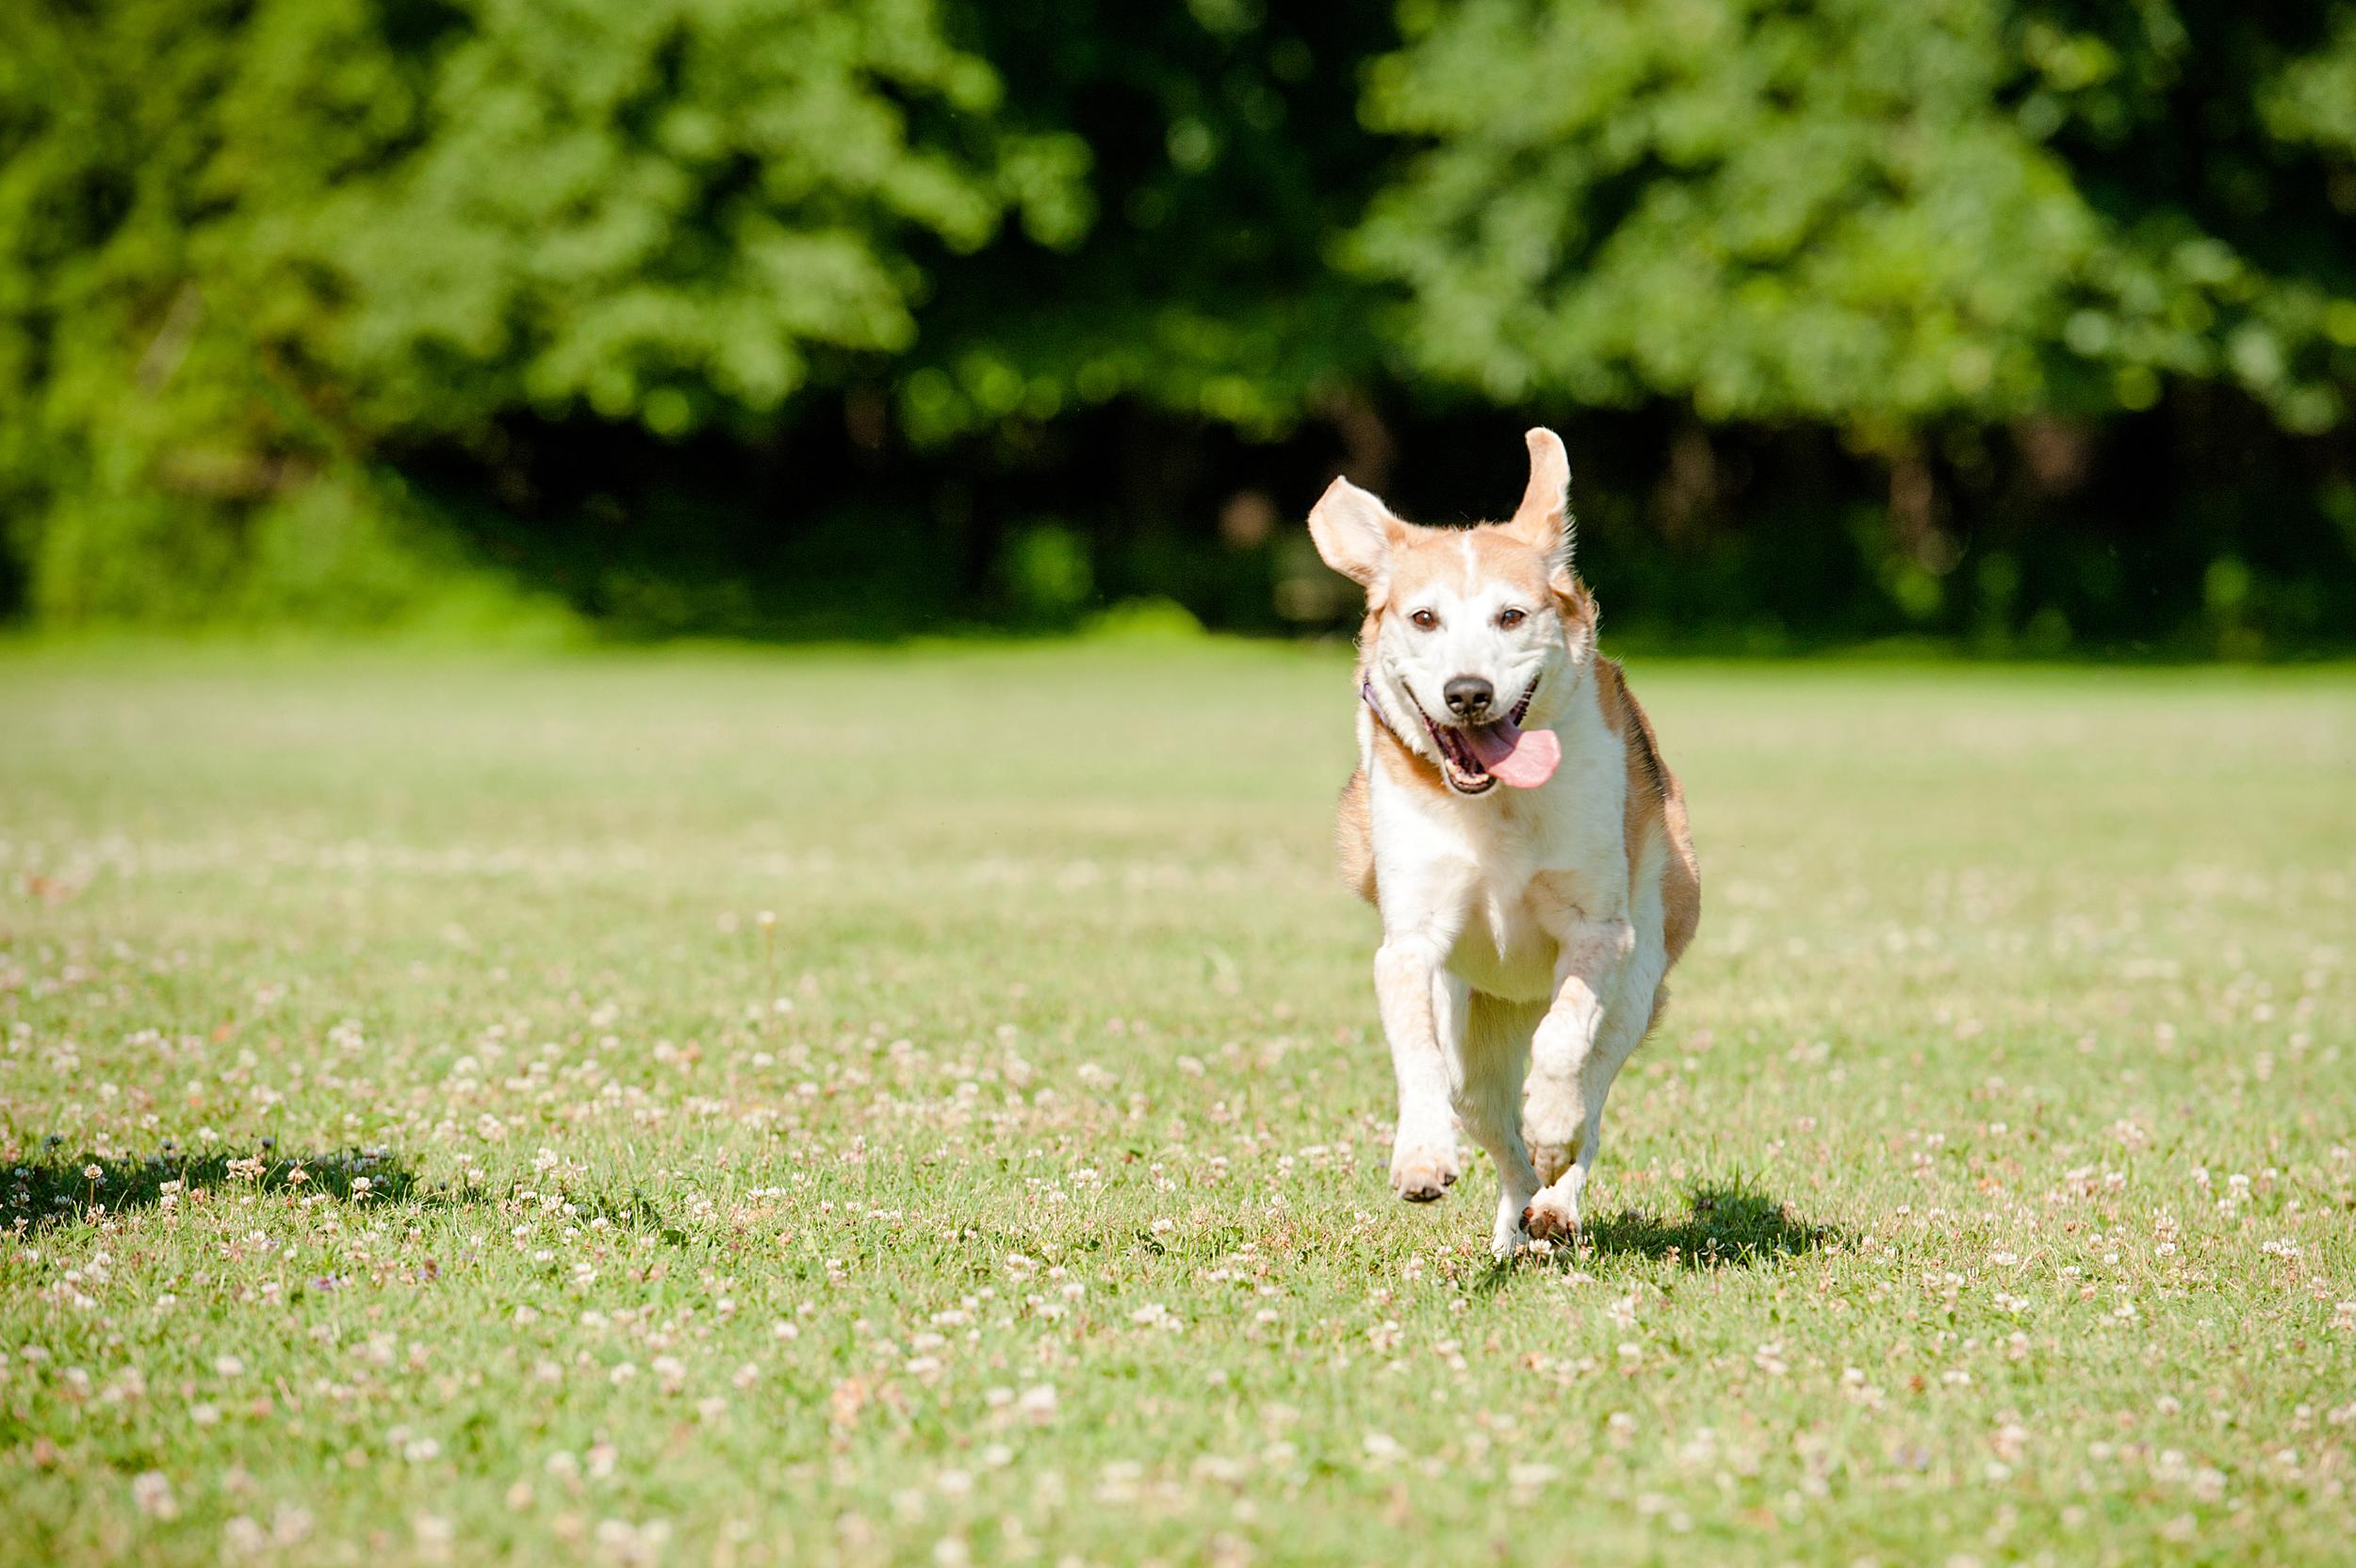 dog-photography-hartwood-acres-giftbug-06.jpg